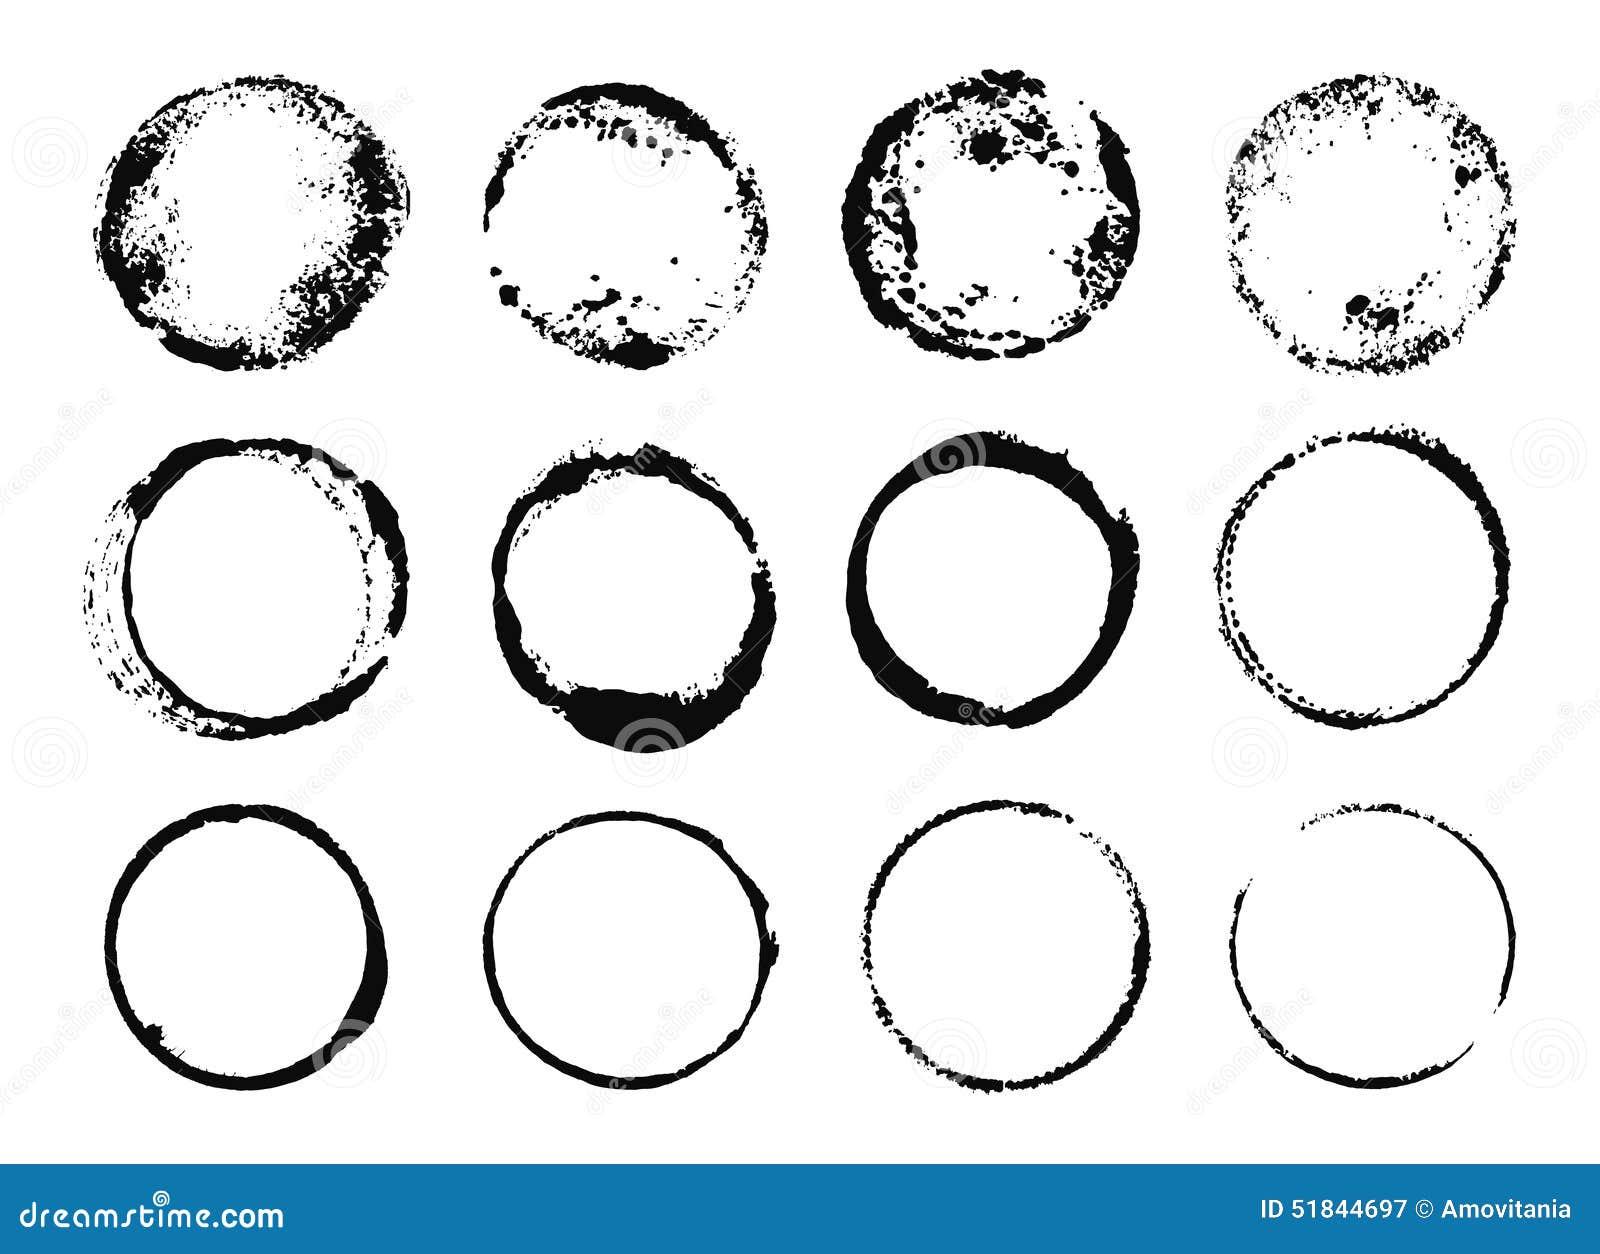 Schmutz-runde Rahmen stock abbildung. Illustration von kunst - 51844697